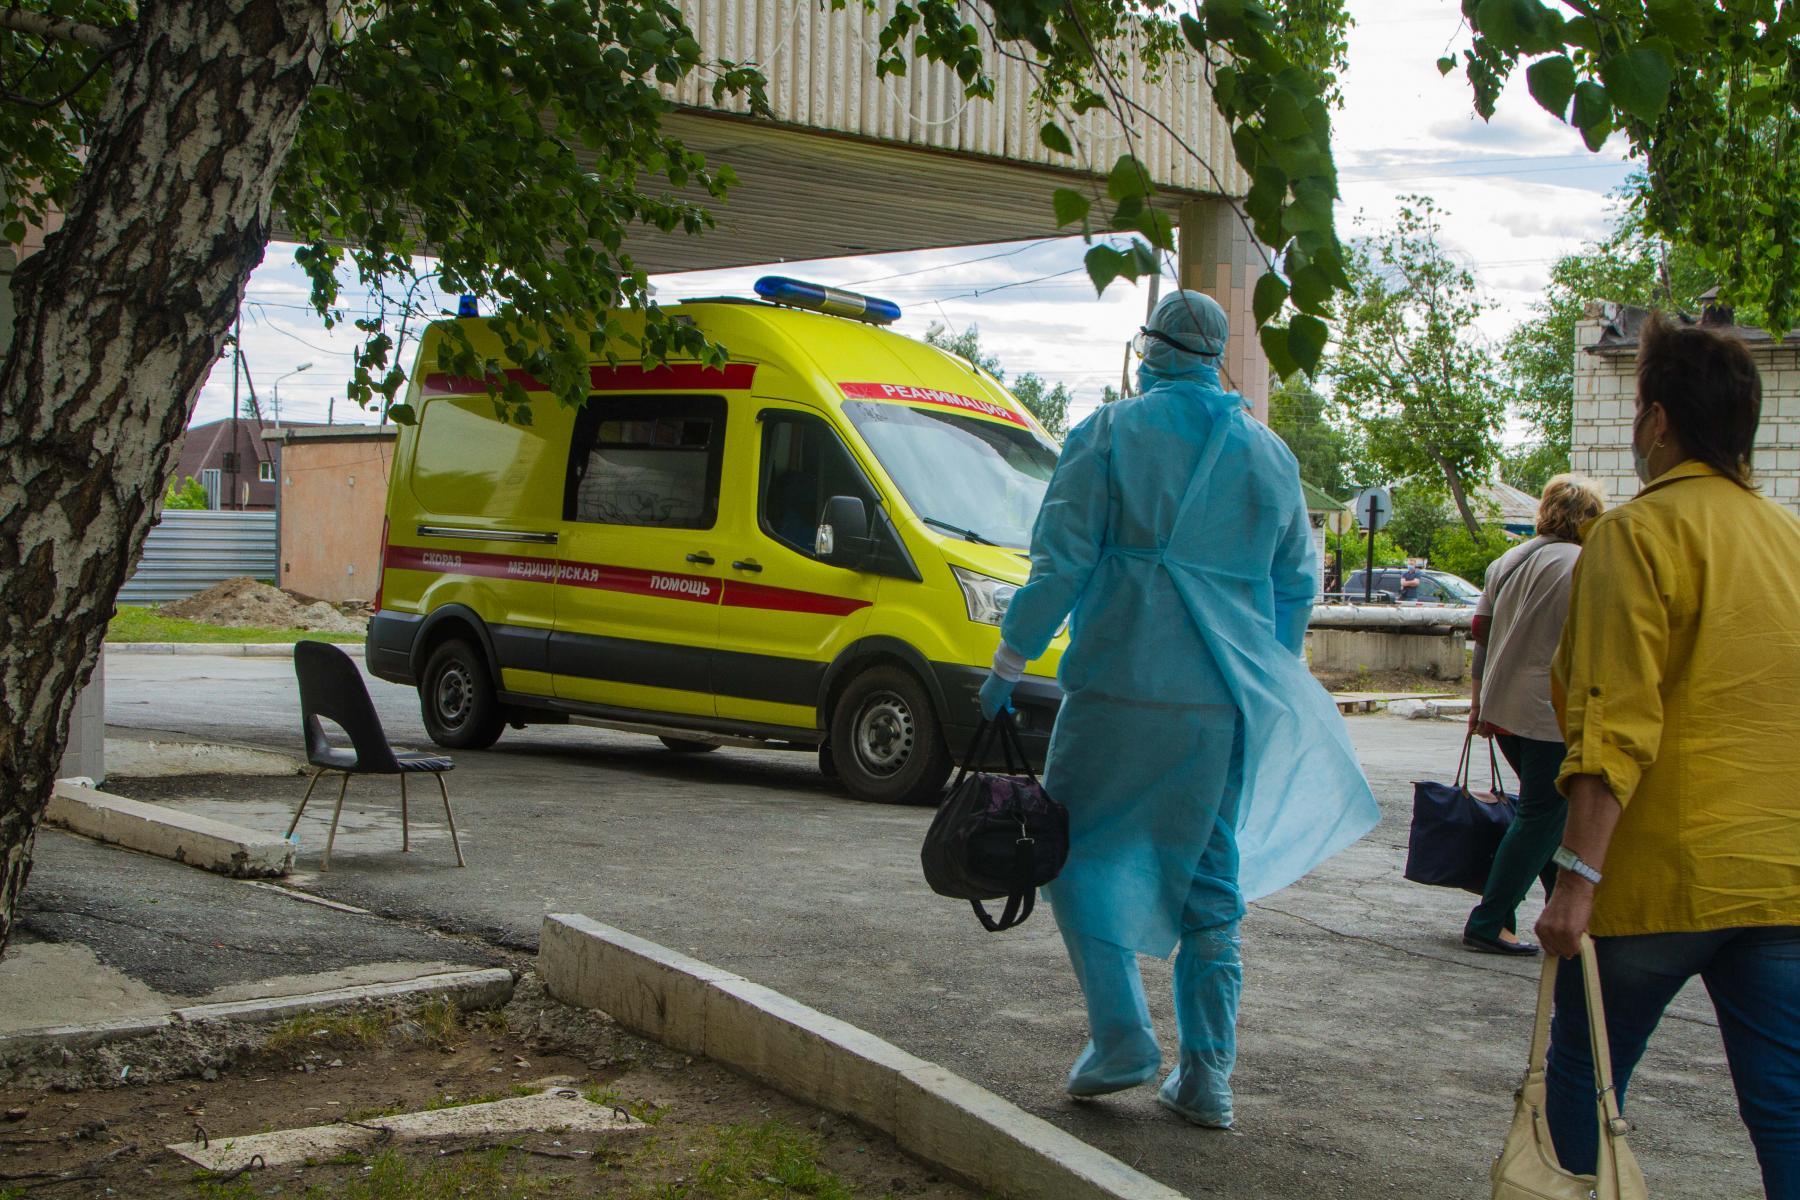 фото «Тяжёлых без очереди»: фоторепортаж из приёмного отделения коронавирусного госпиталя в Новосибирске 12